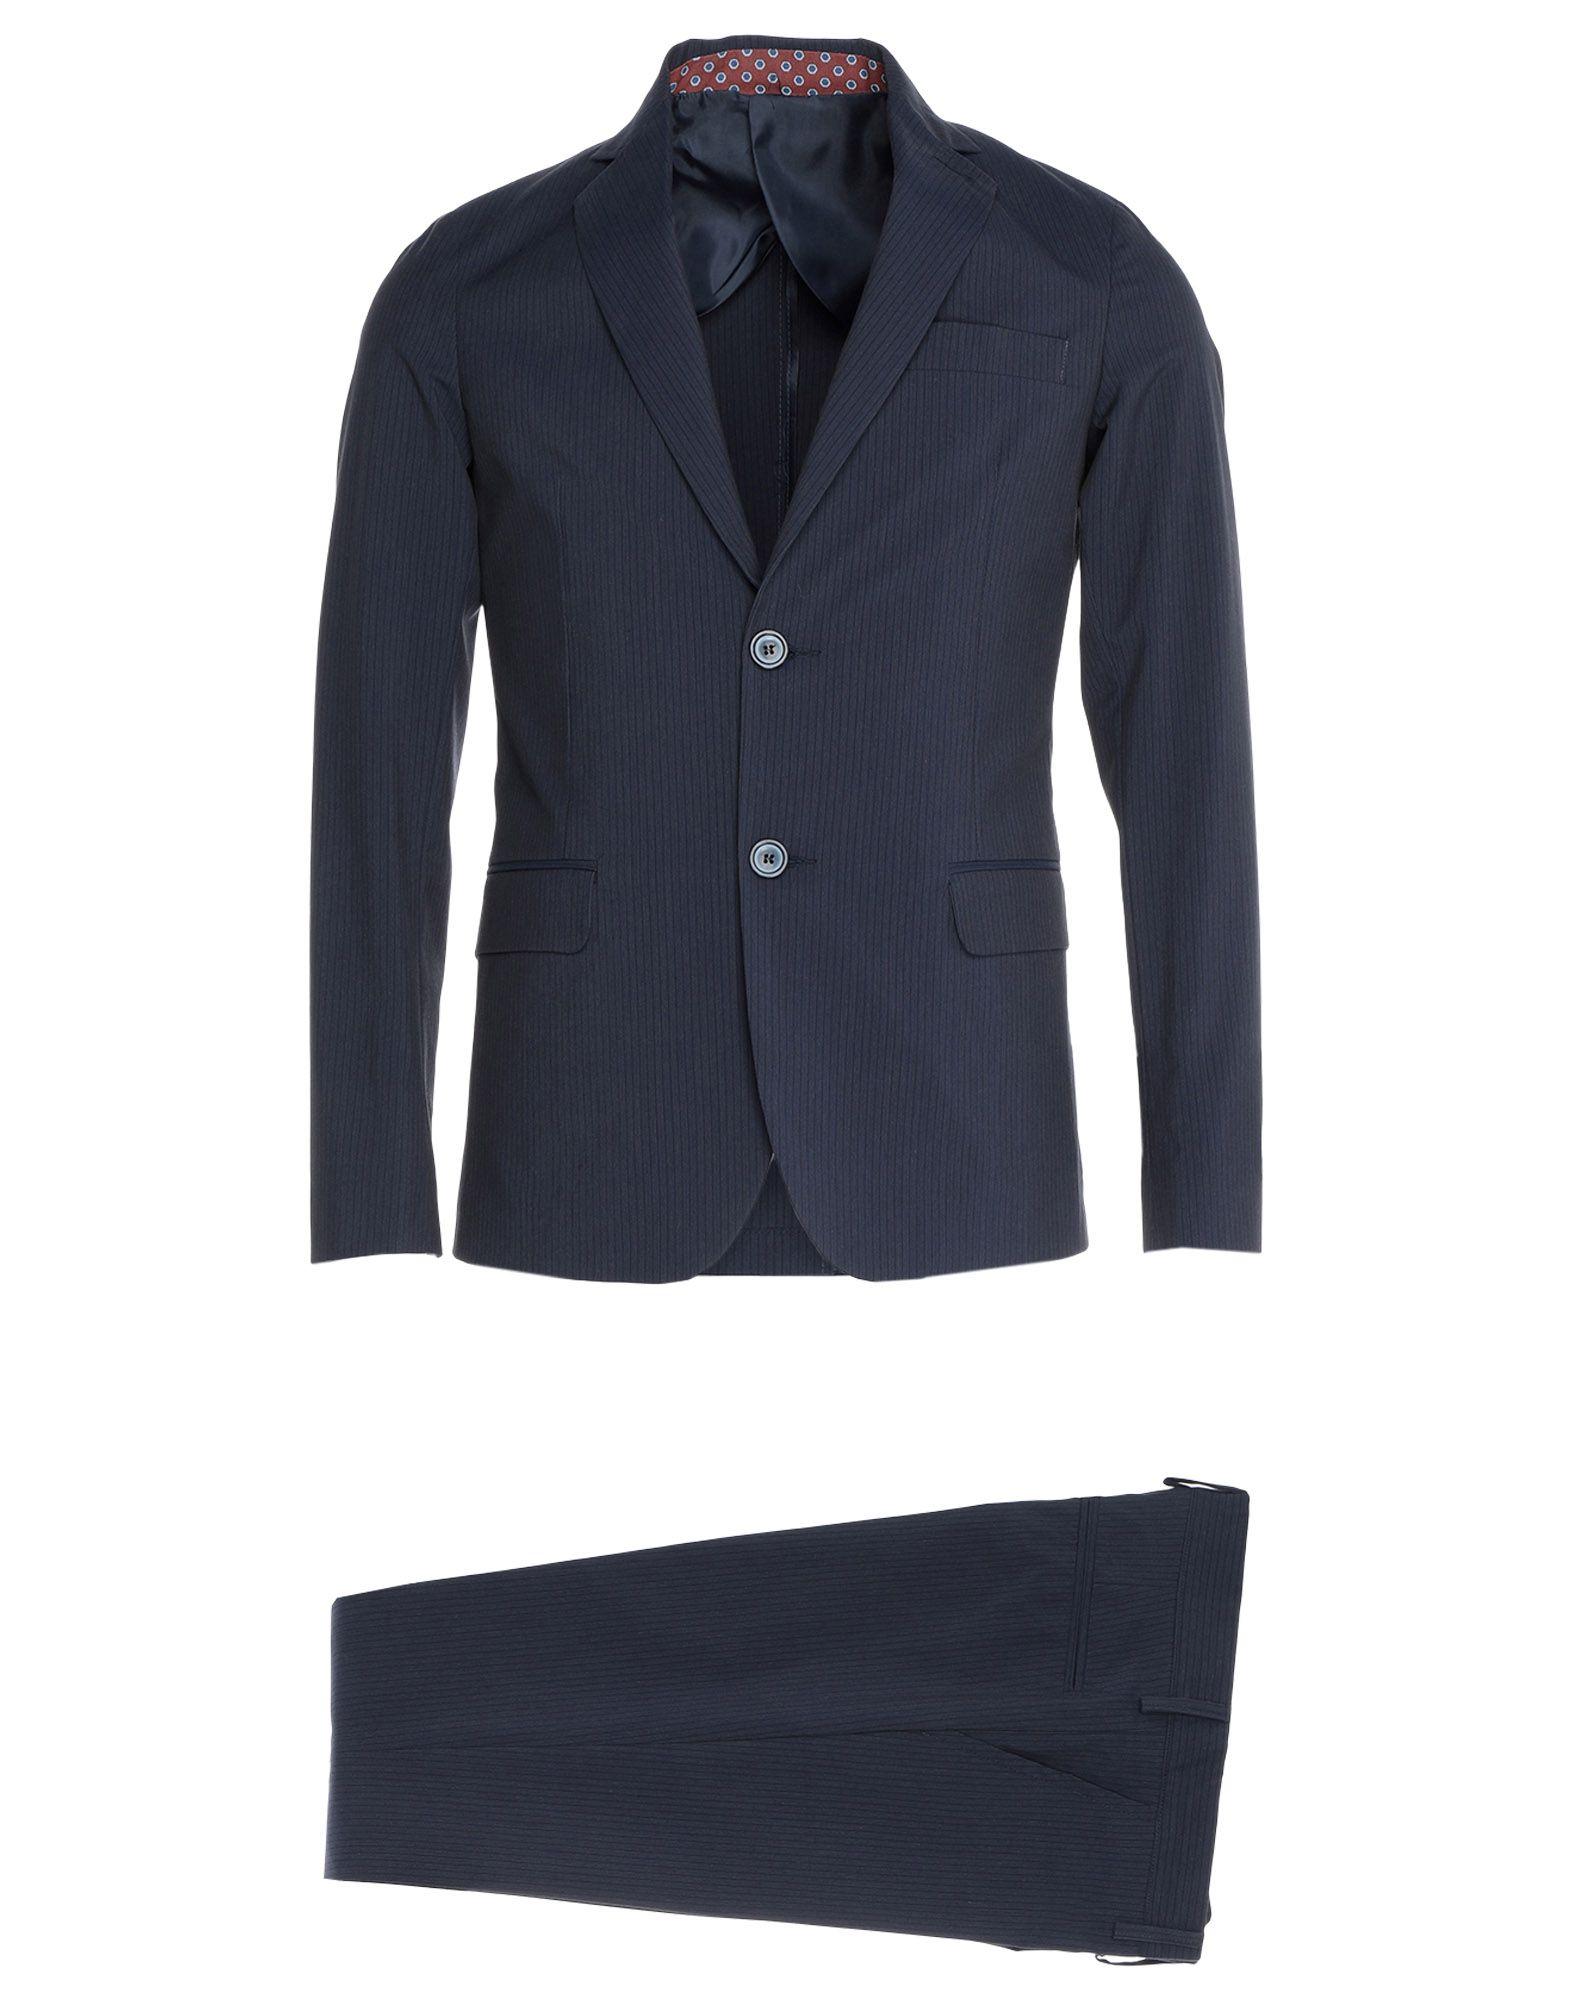 《セール開催中》SD FACTORY メンズ スーツ ダークブルー 44 コットン 65% / ポリエステル 33% / ポリウレタン 2%